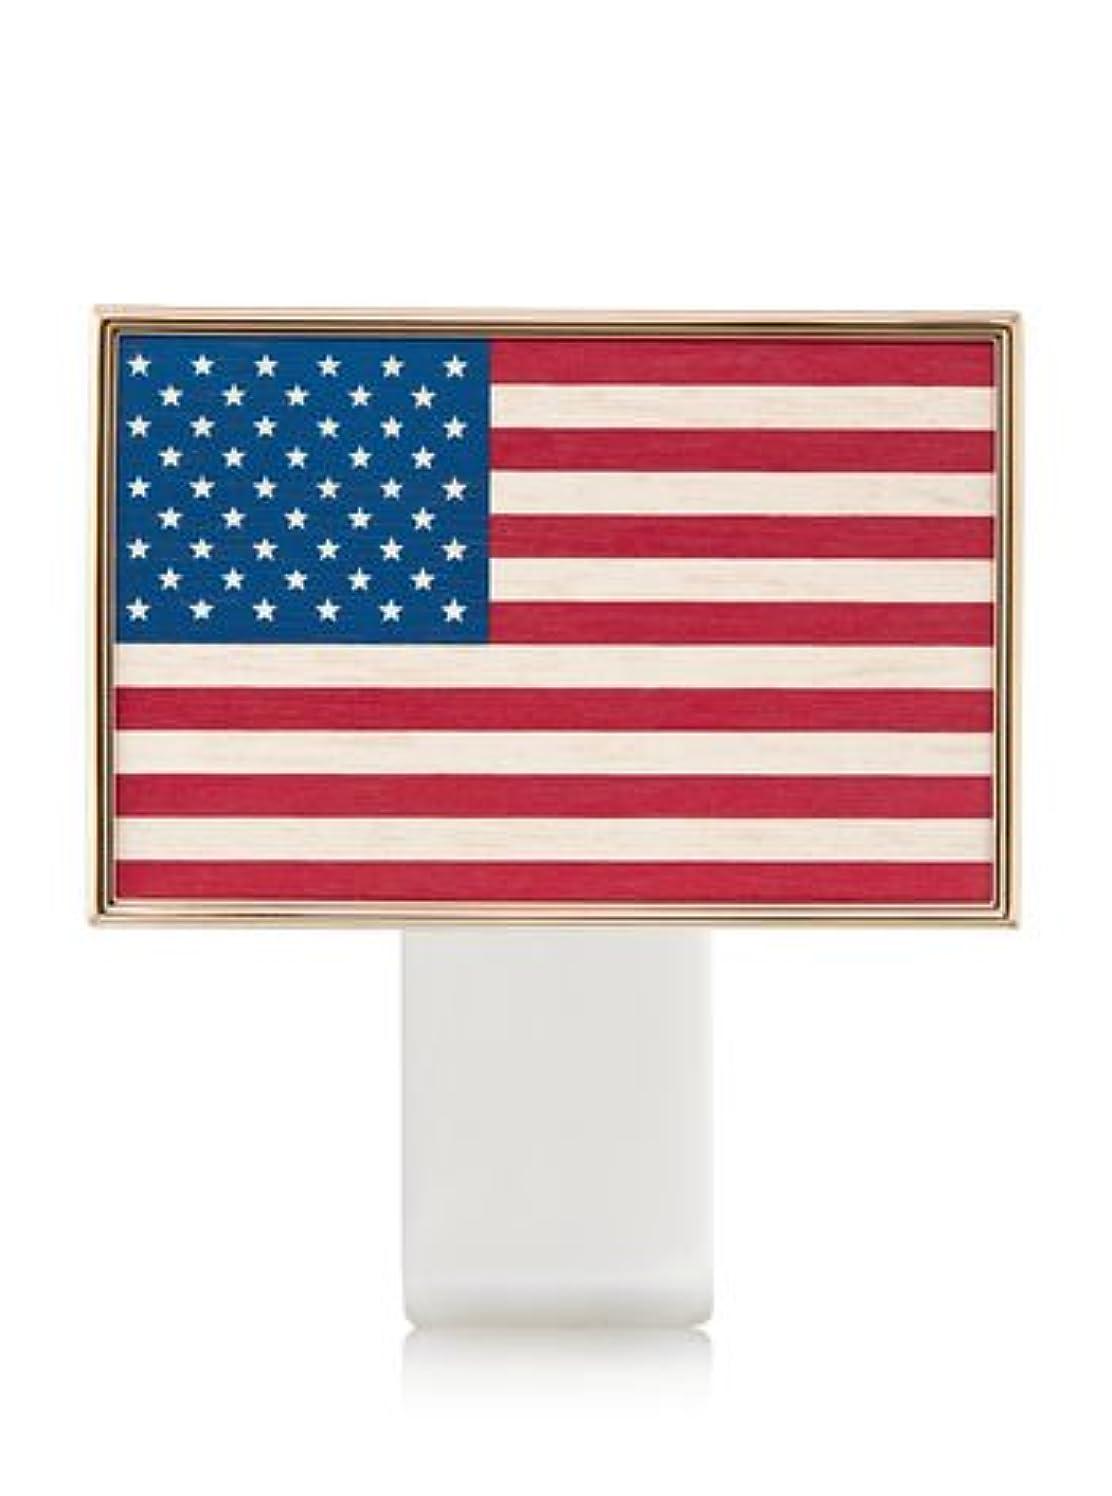 突進彼ら二週間【Bath&Body Works/バス&ボディワークス】 ルームフレグランス プラグインスターター (本体のみ) アメリカンフラッグ Wallflowers Fragrance Plug American Flag [並行輸入品]